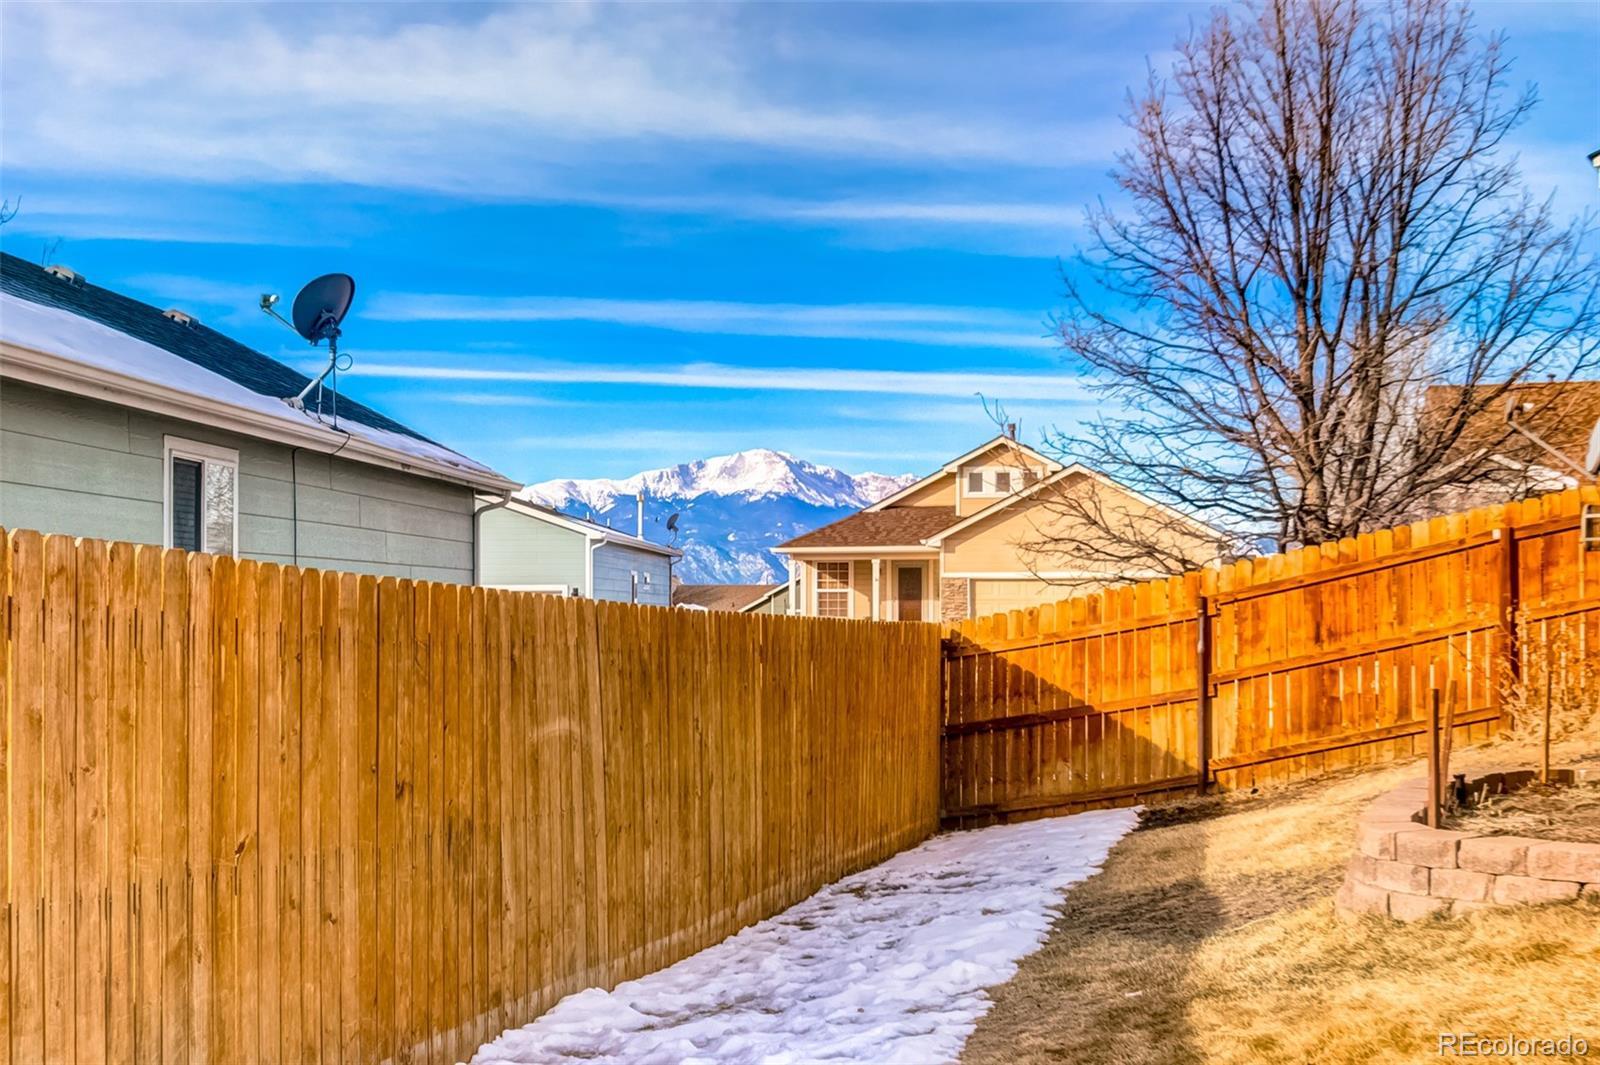 MLS# 8611656 - 23 - 6847 Lost Springs Drive, Colorado Springs, CO 80923